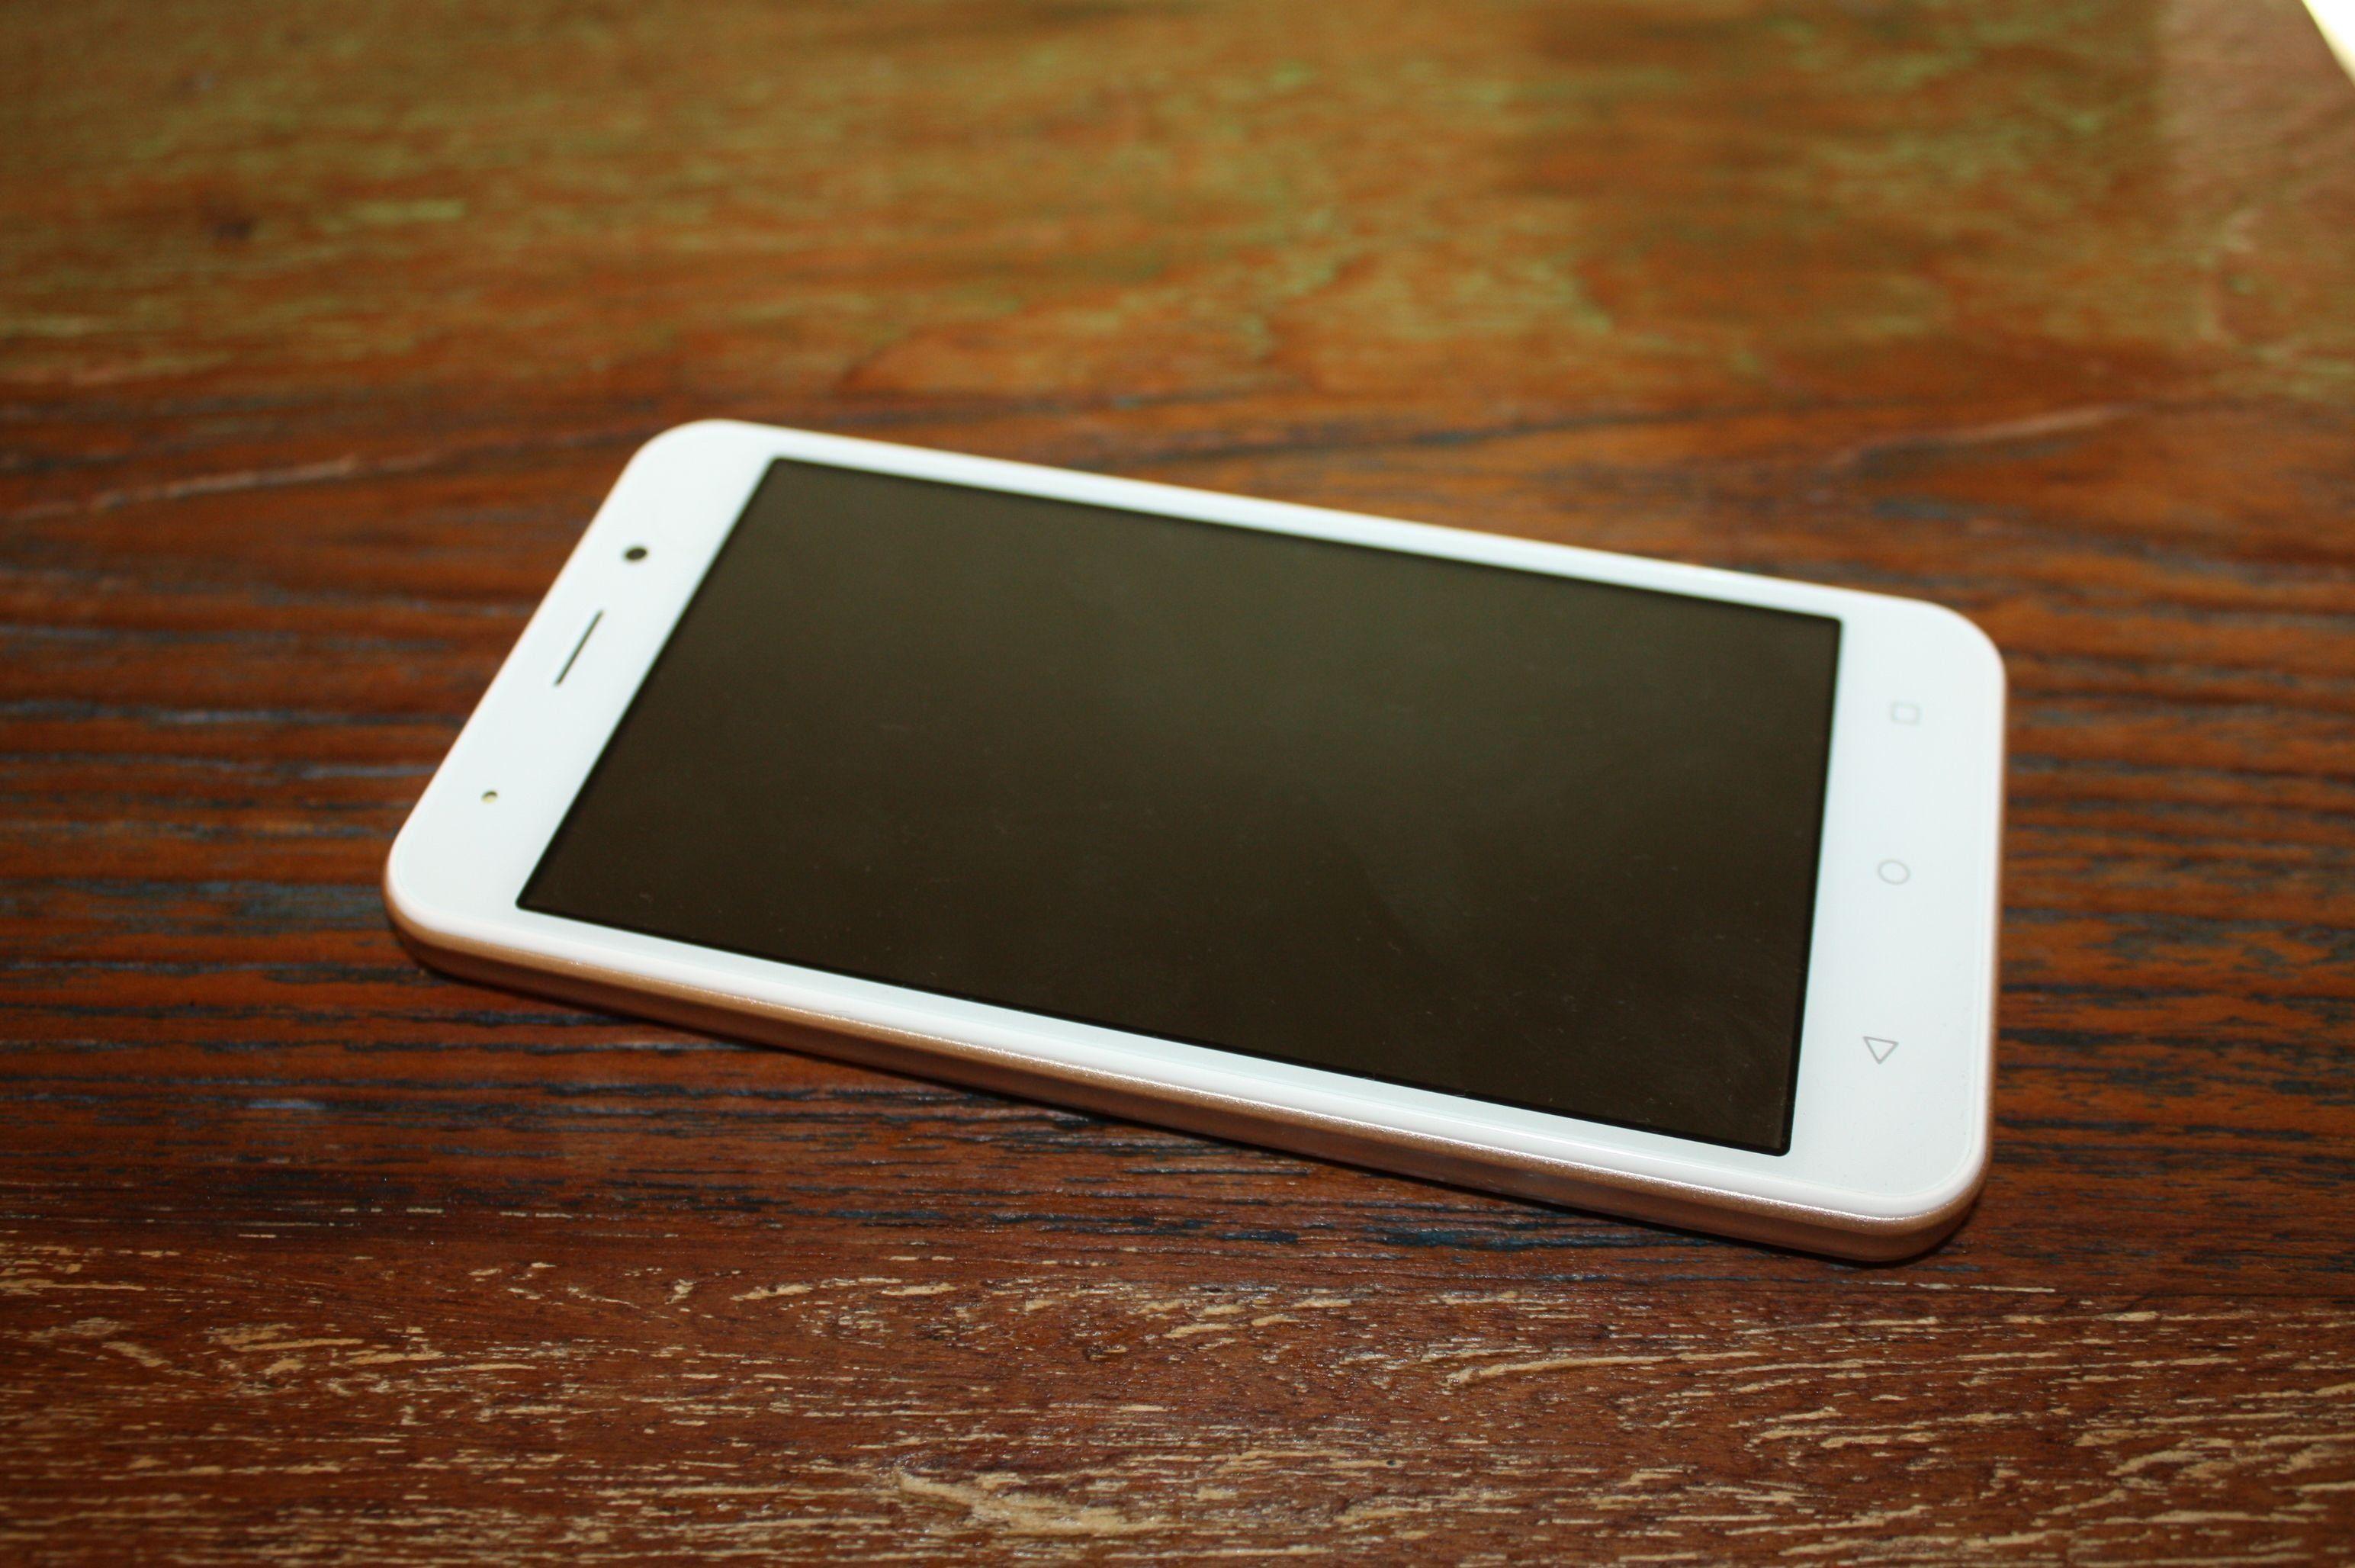 Смартфон INOI 2 — достоинства и недостатки бюджетного отечественного смартфона